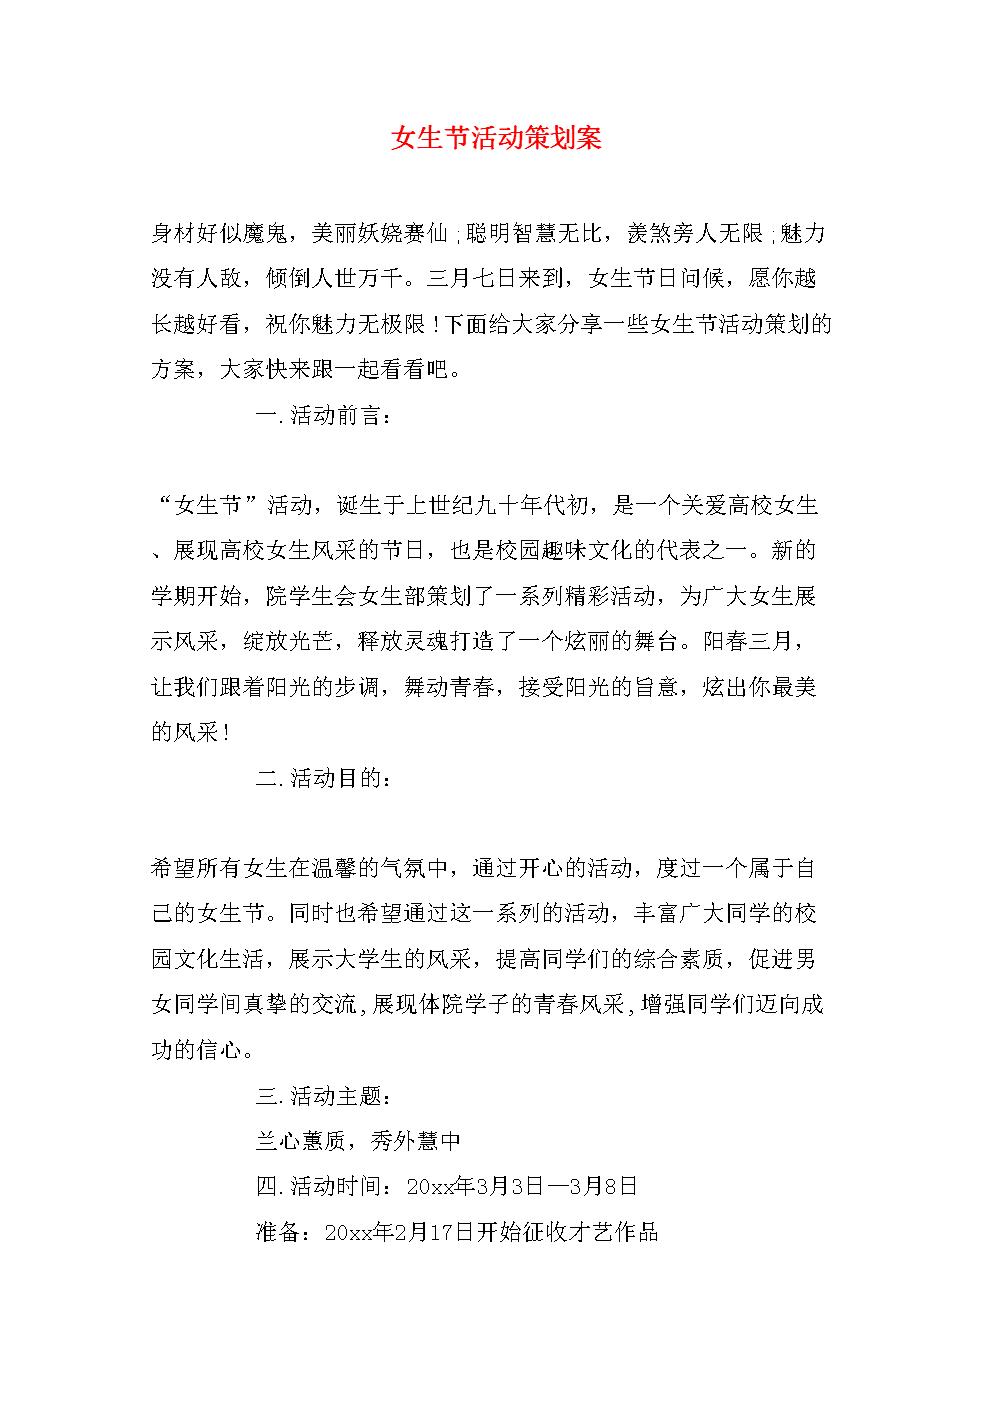 魅力女生节活动策划书.docx 2页